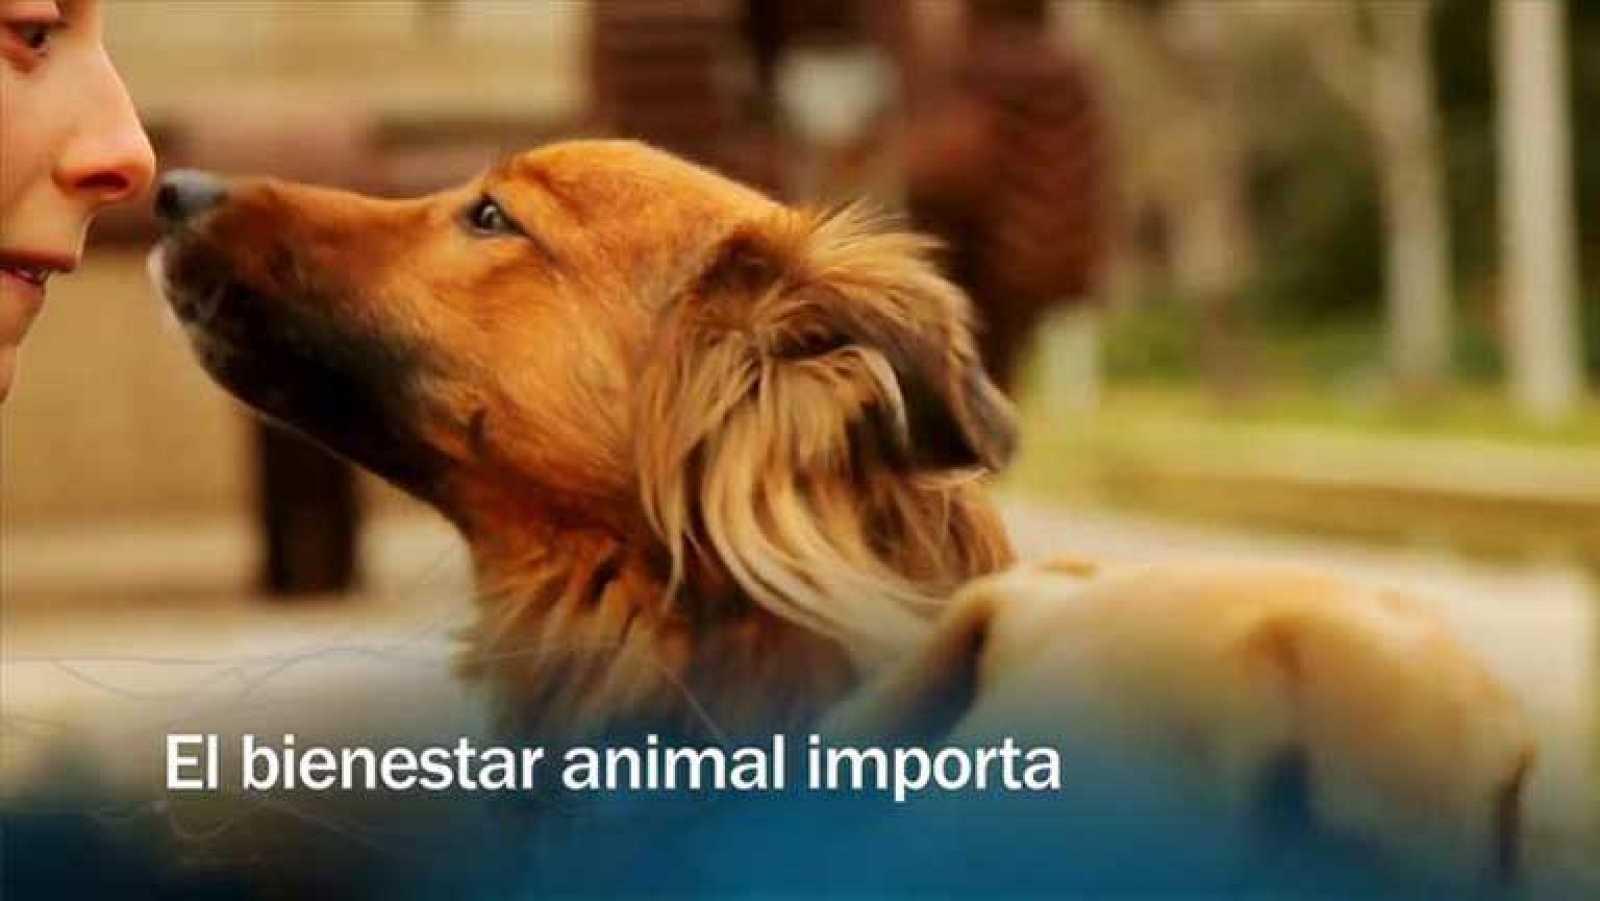 Redes - El bienestar animal importa - Avance